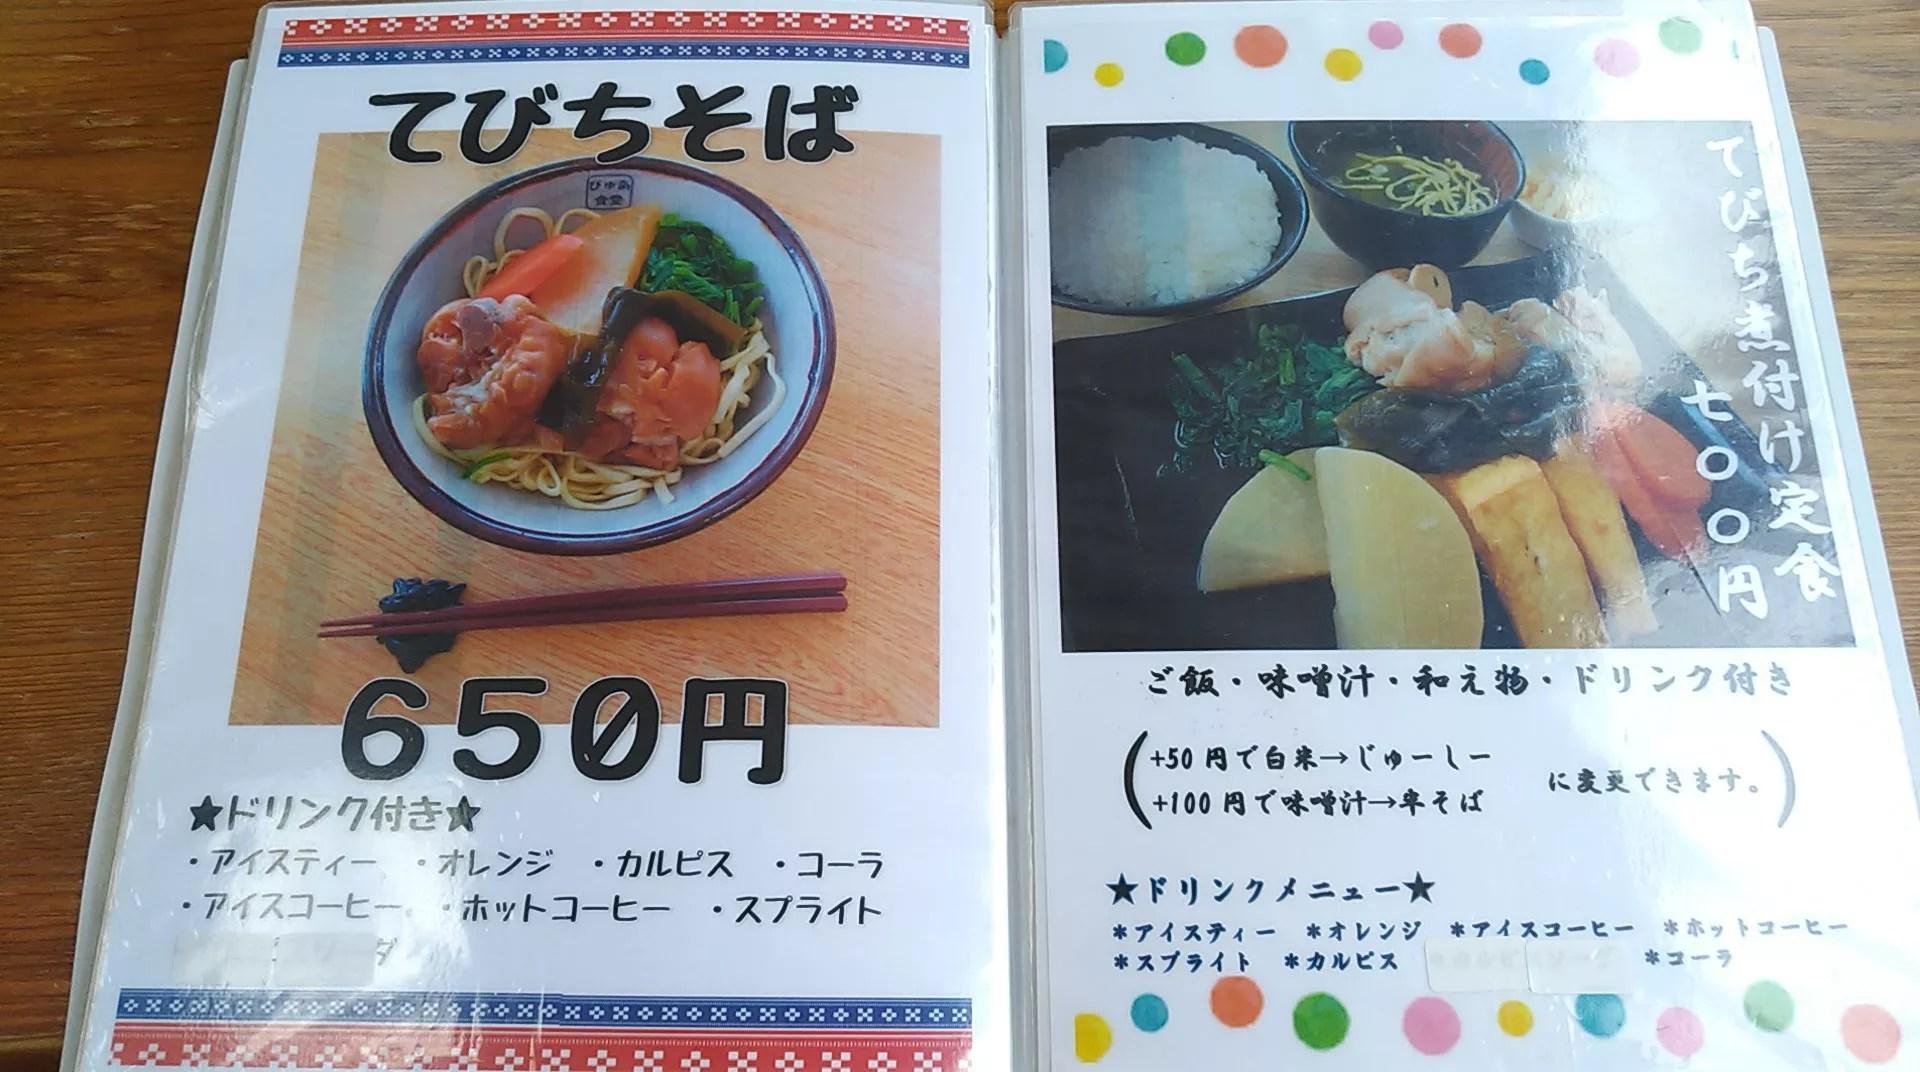 ぴゅあ食堂のメニュー 9